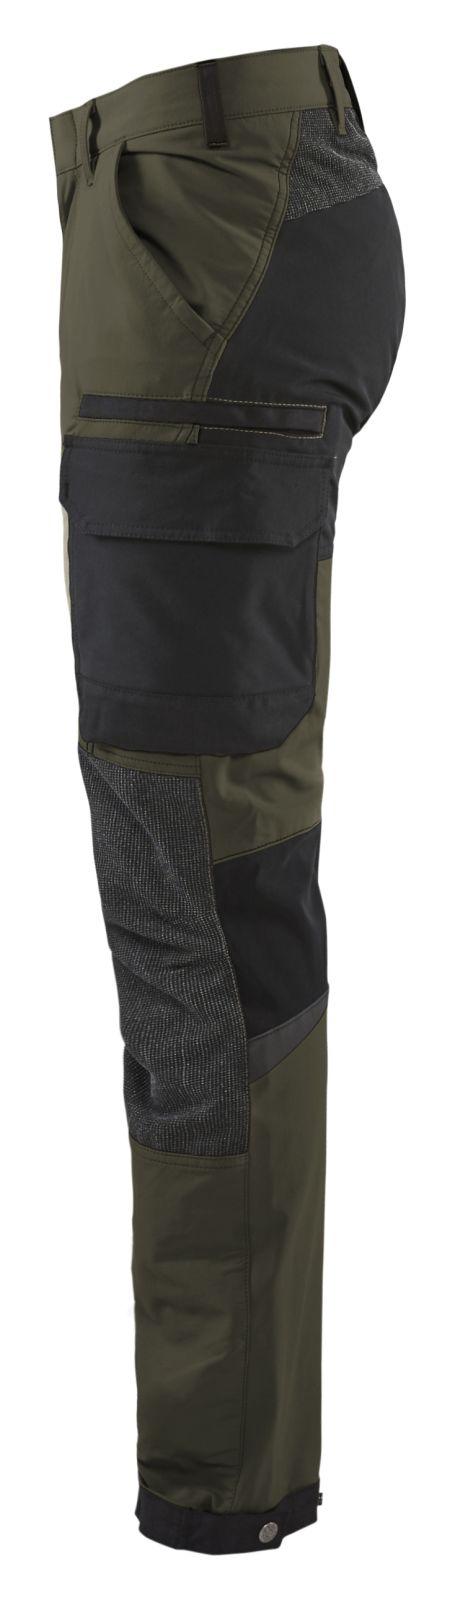 Blaklader Broeken 14221645 groen-zwart(4599)